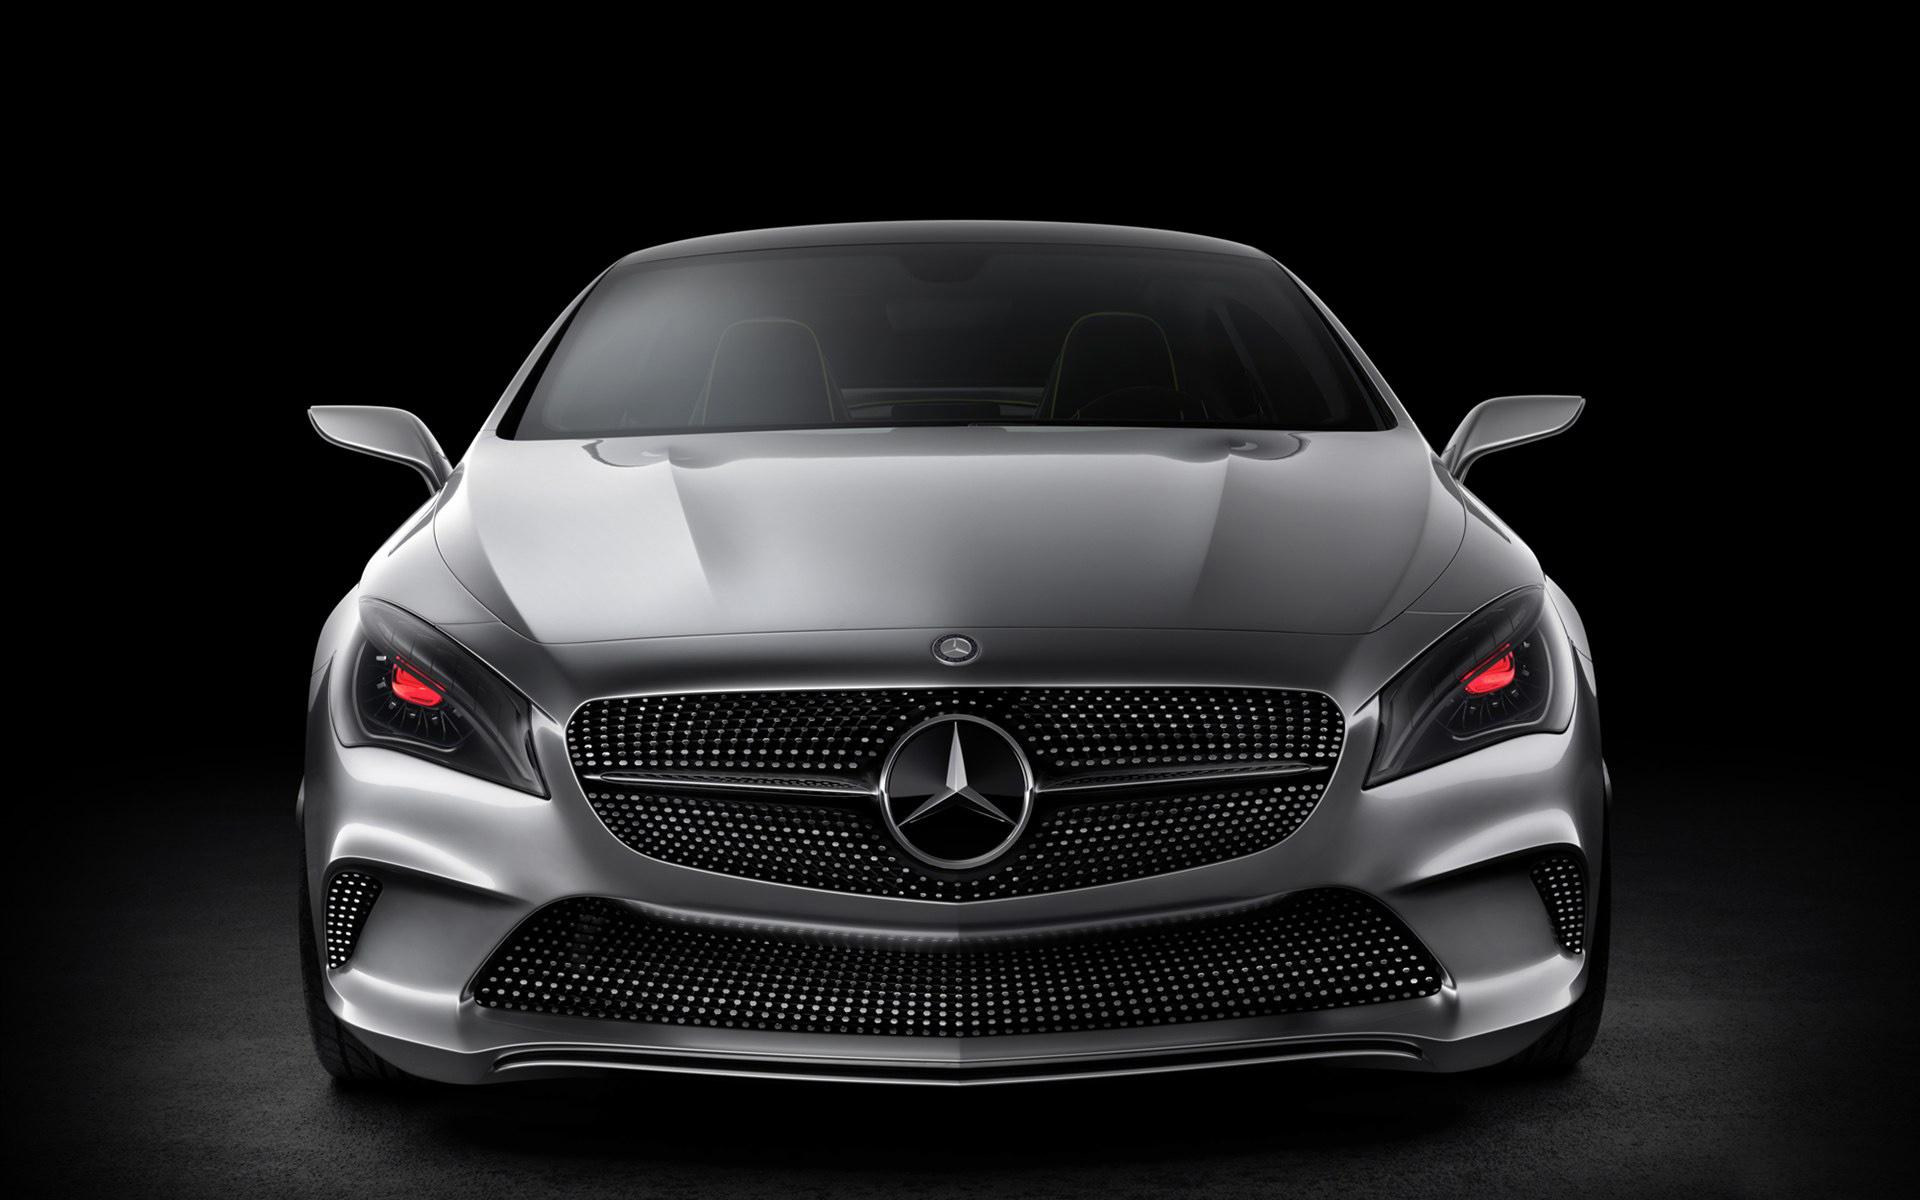 2012 Mercedes Benz Concept Wallpaper Hd Car Wallpapers